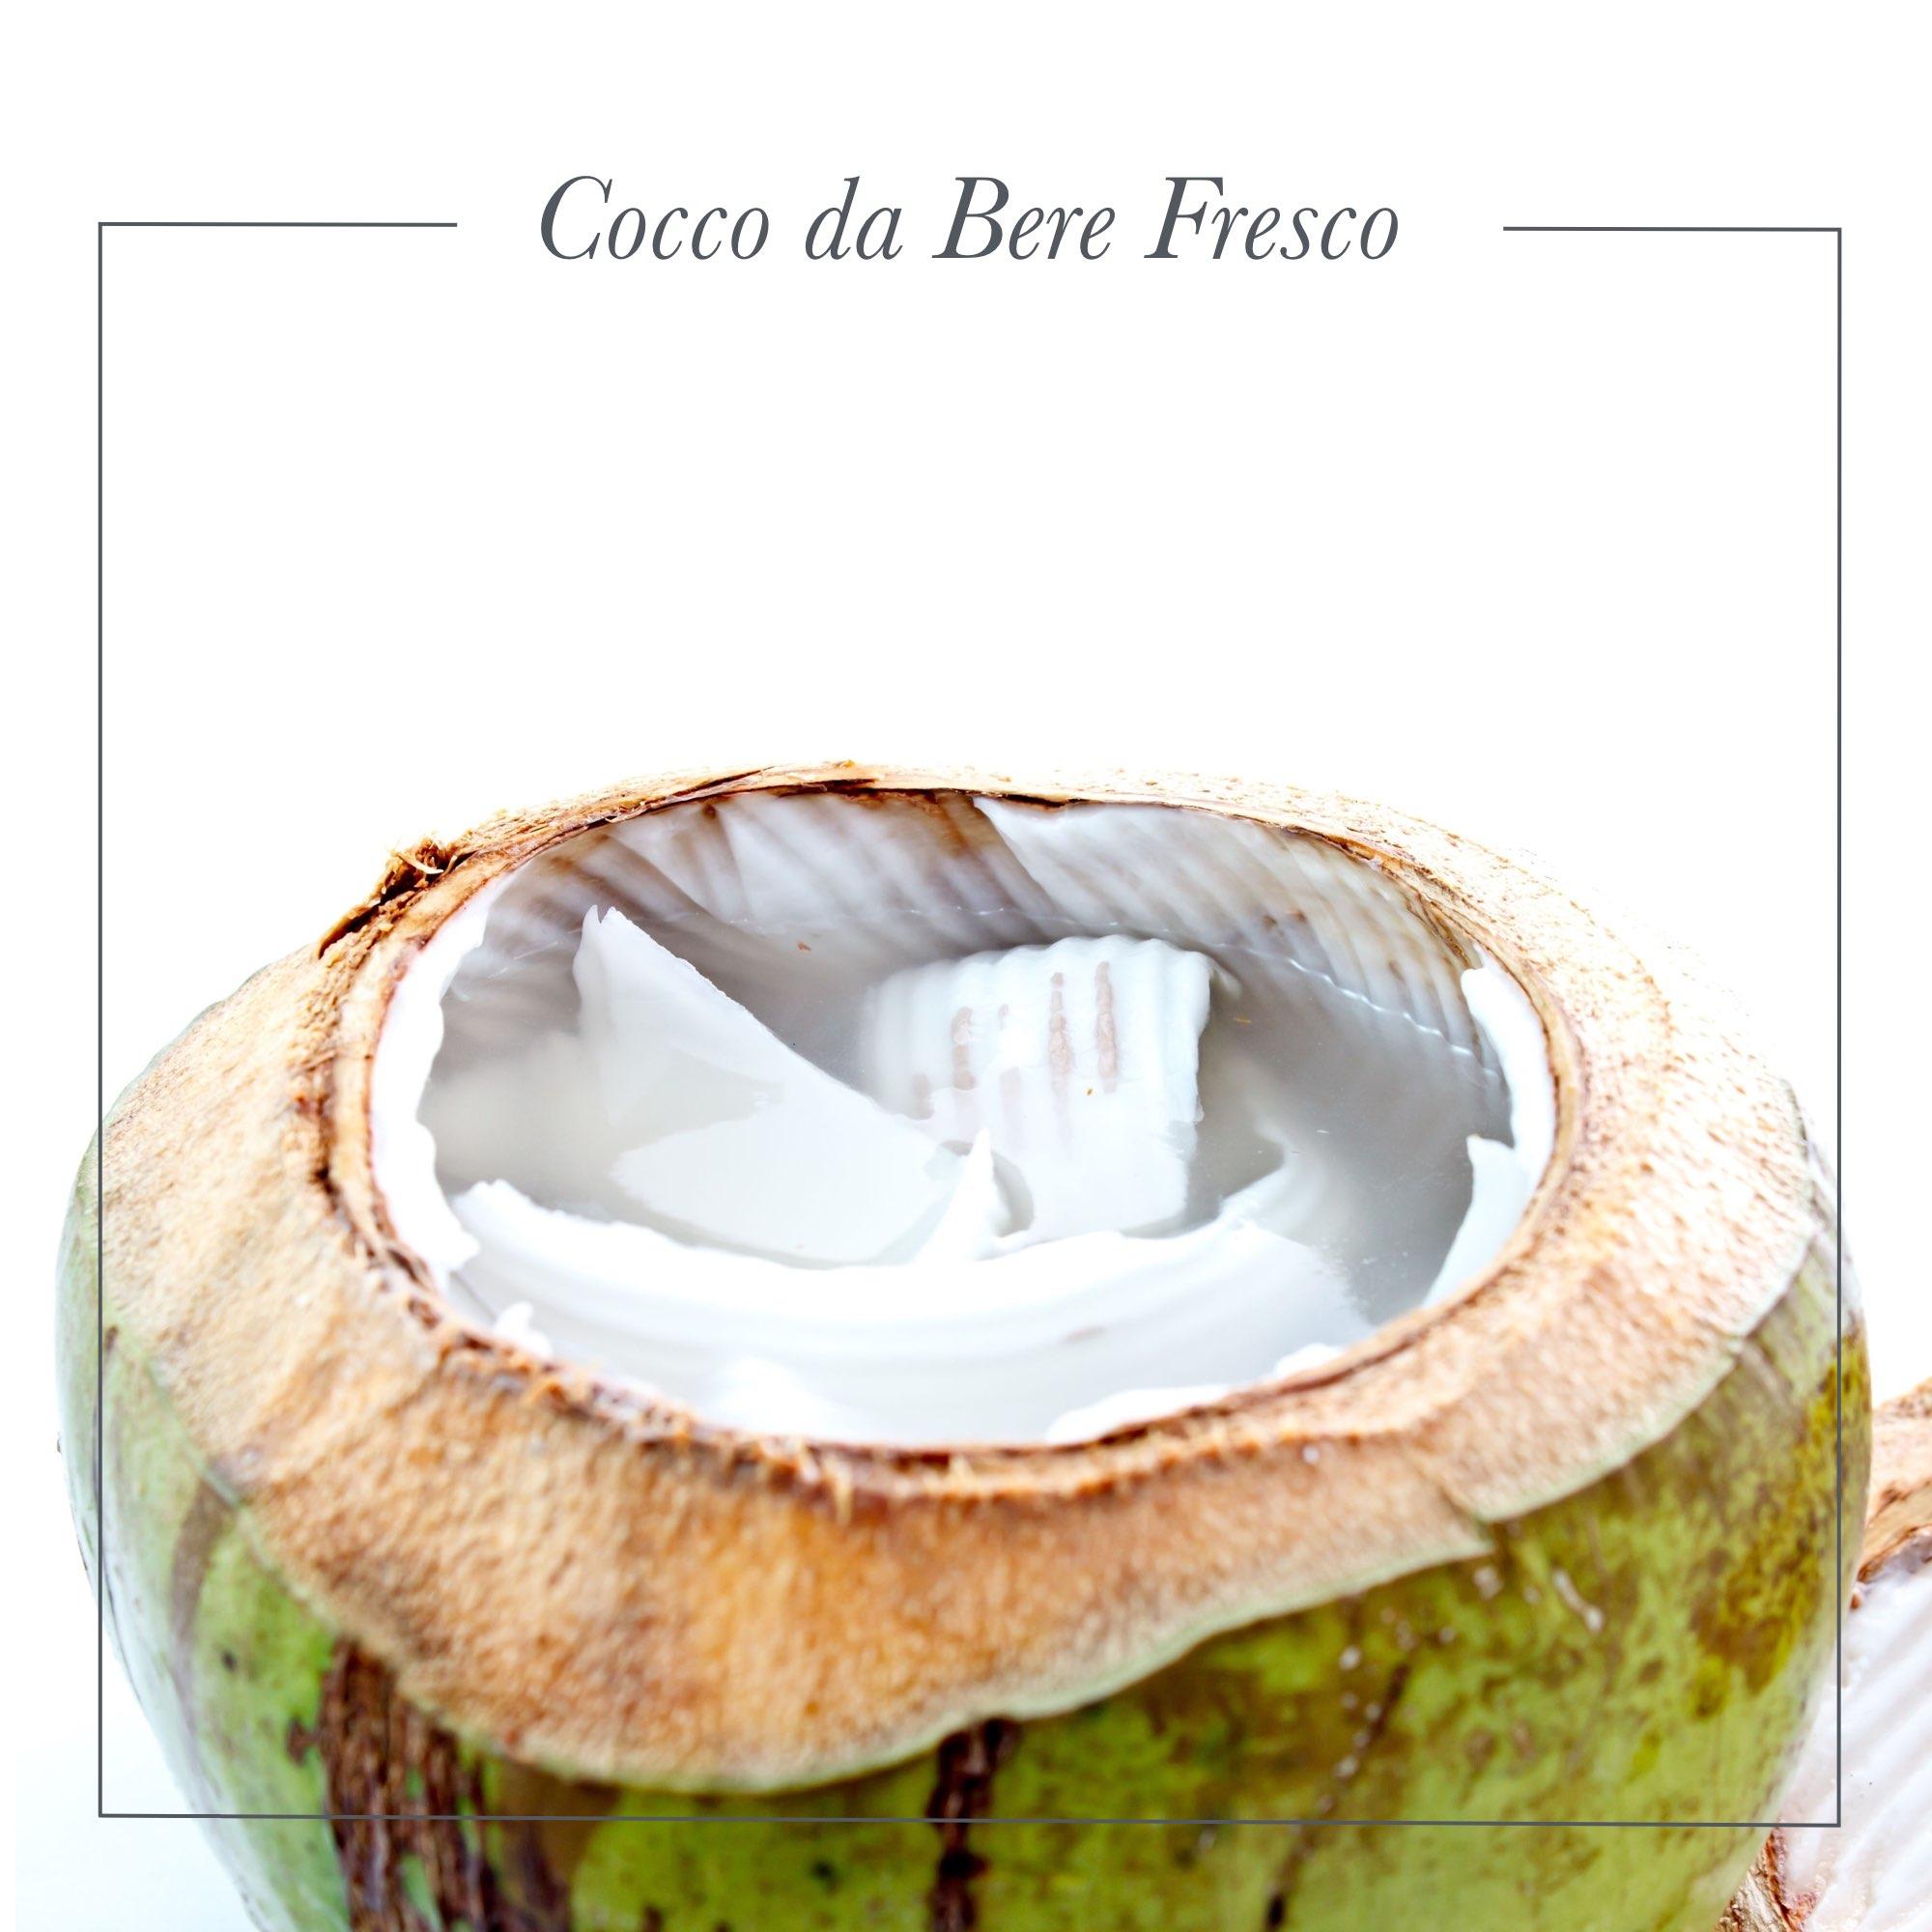 cocco da bere fresco: solo su FruttaWeb acquisti i migliori frutti tropicali a portata di click!